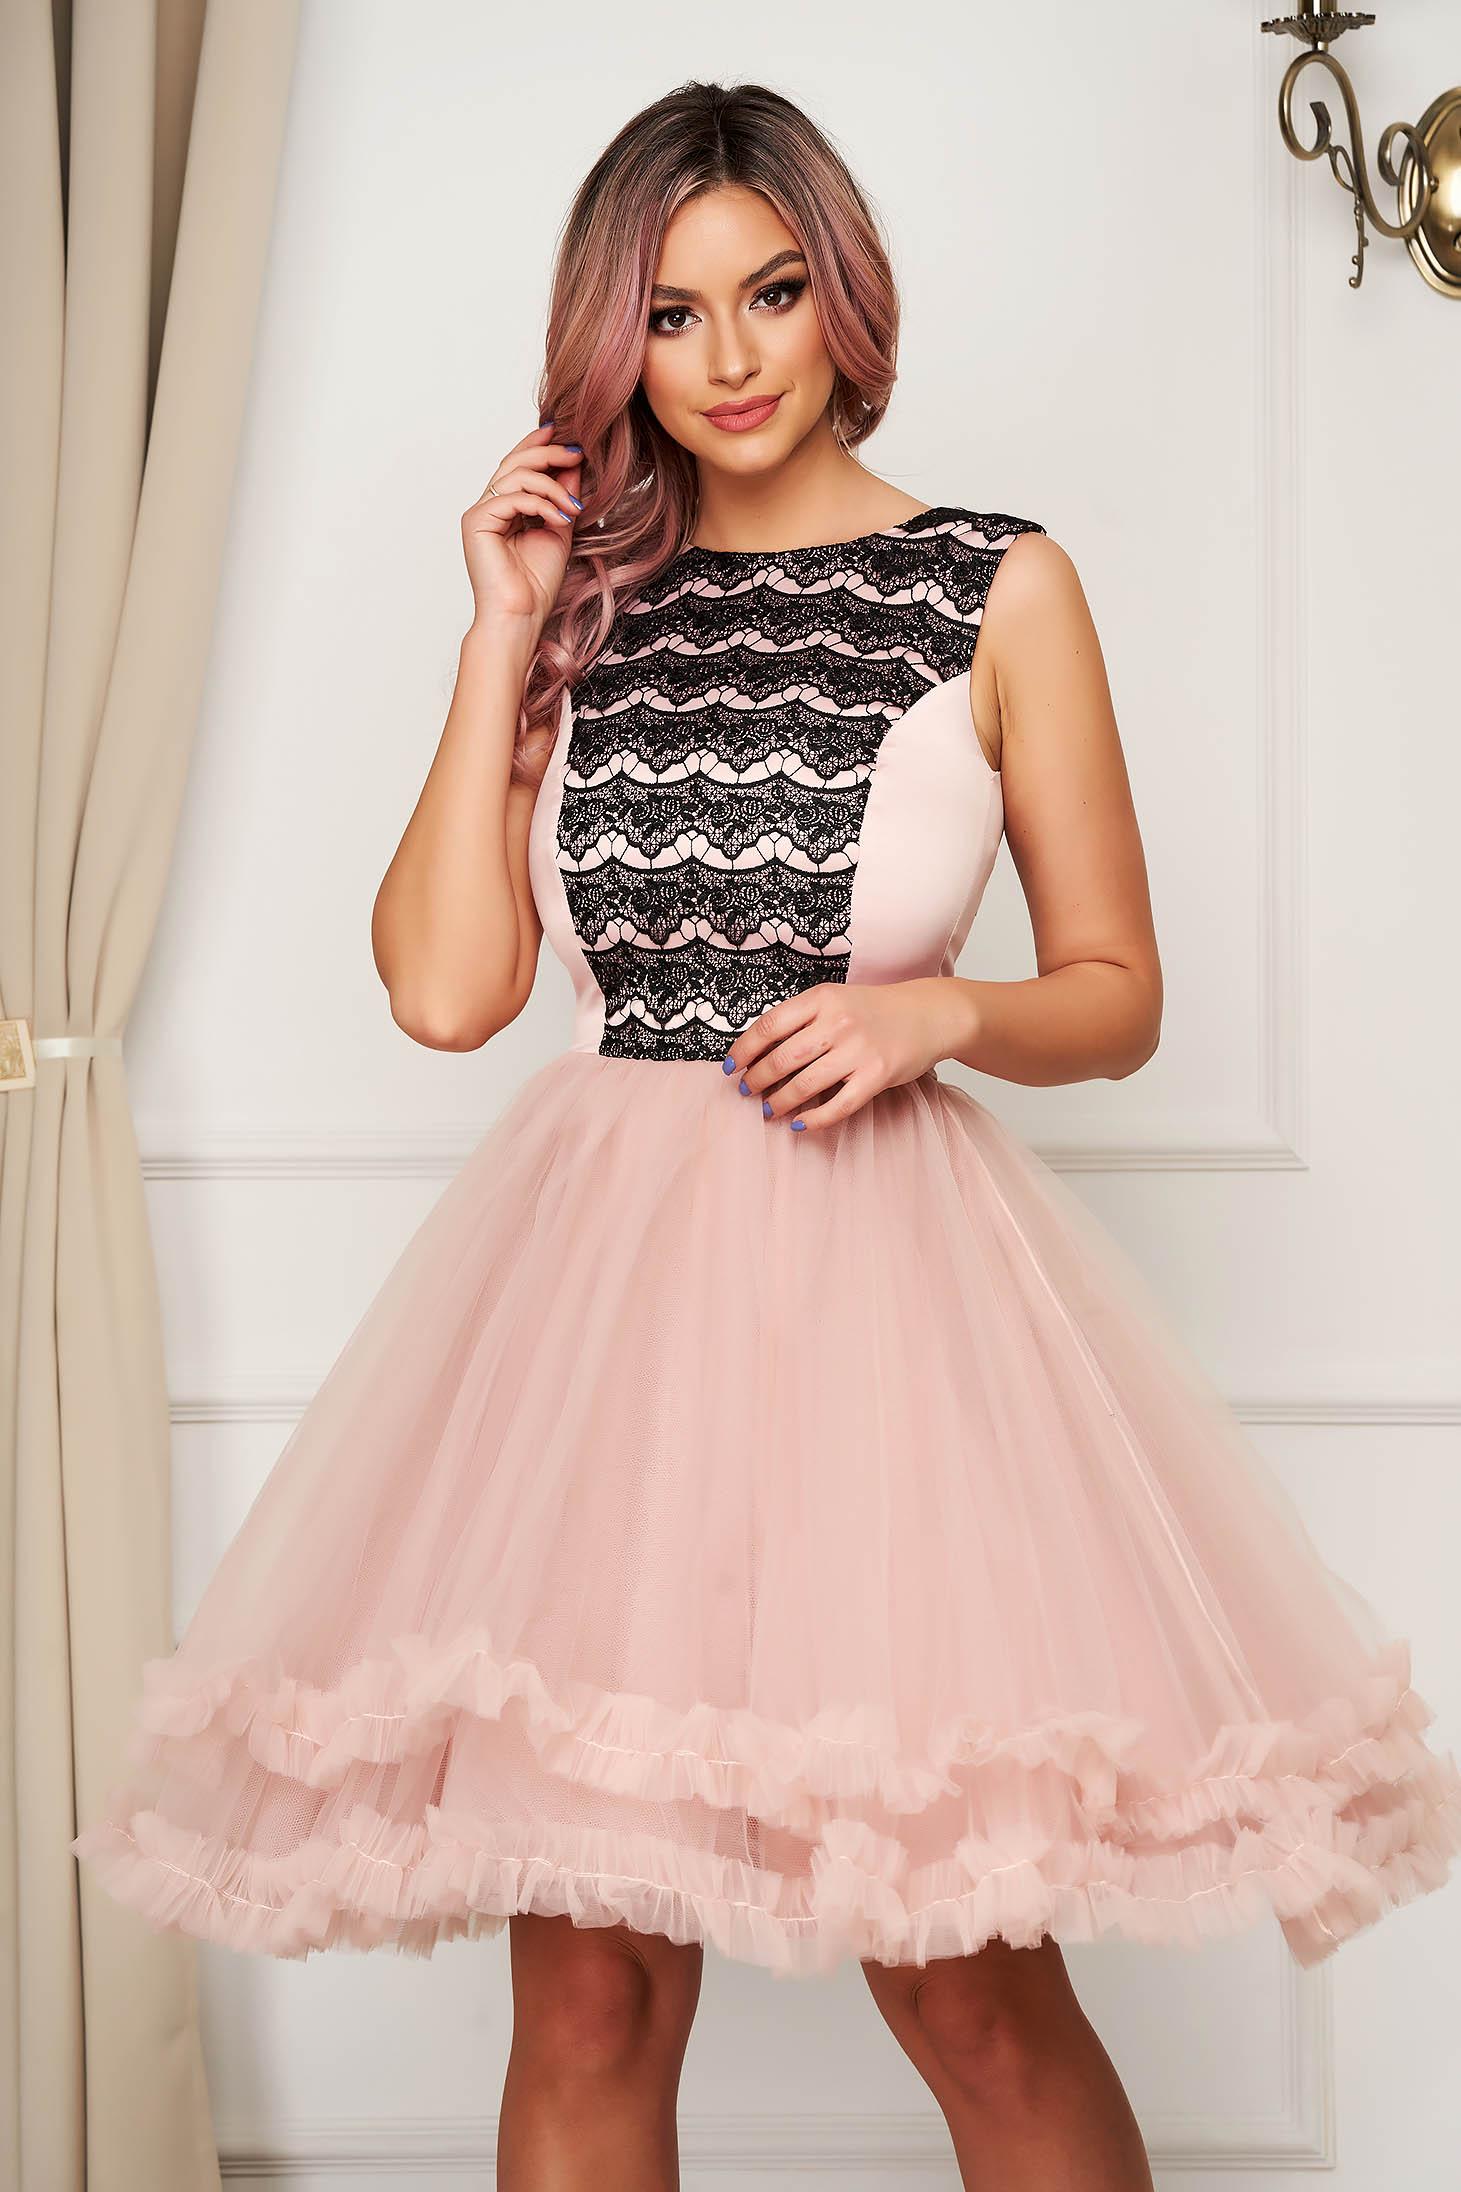 Rochie Artista roz scurta de ocazie in clos din tul cu aplicatii de dantela